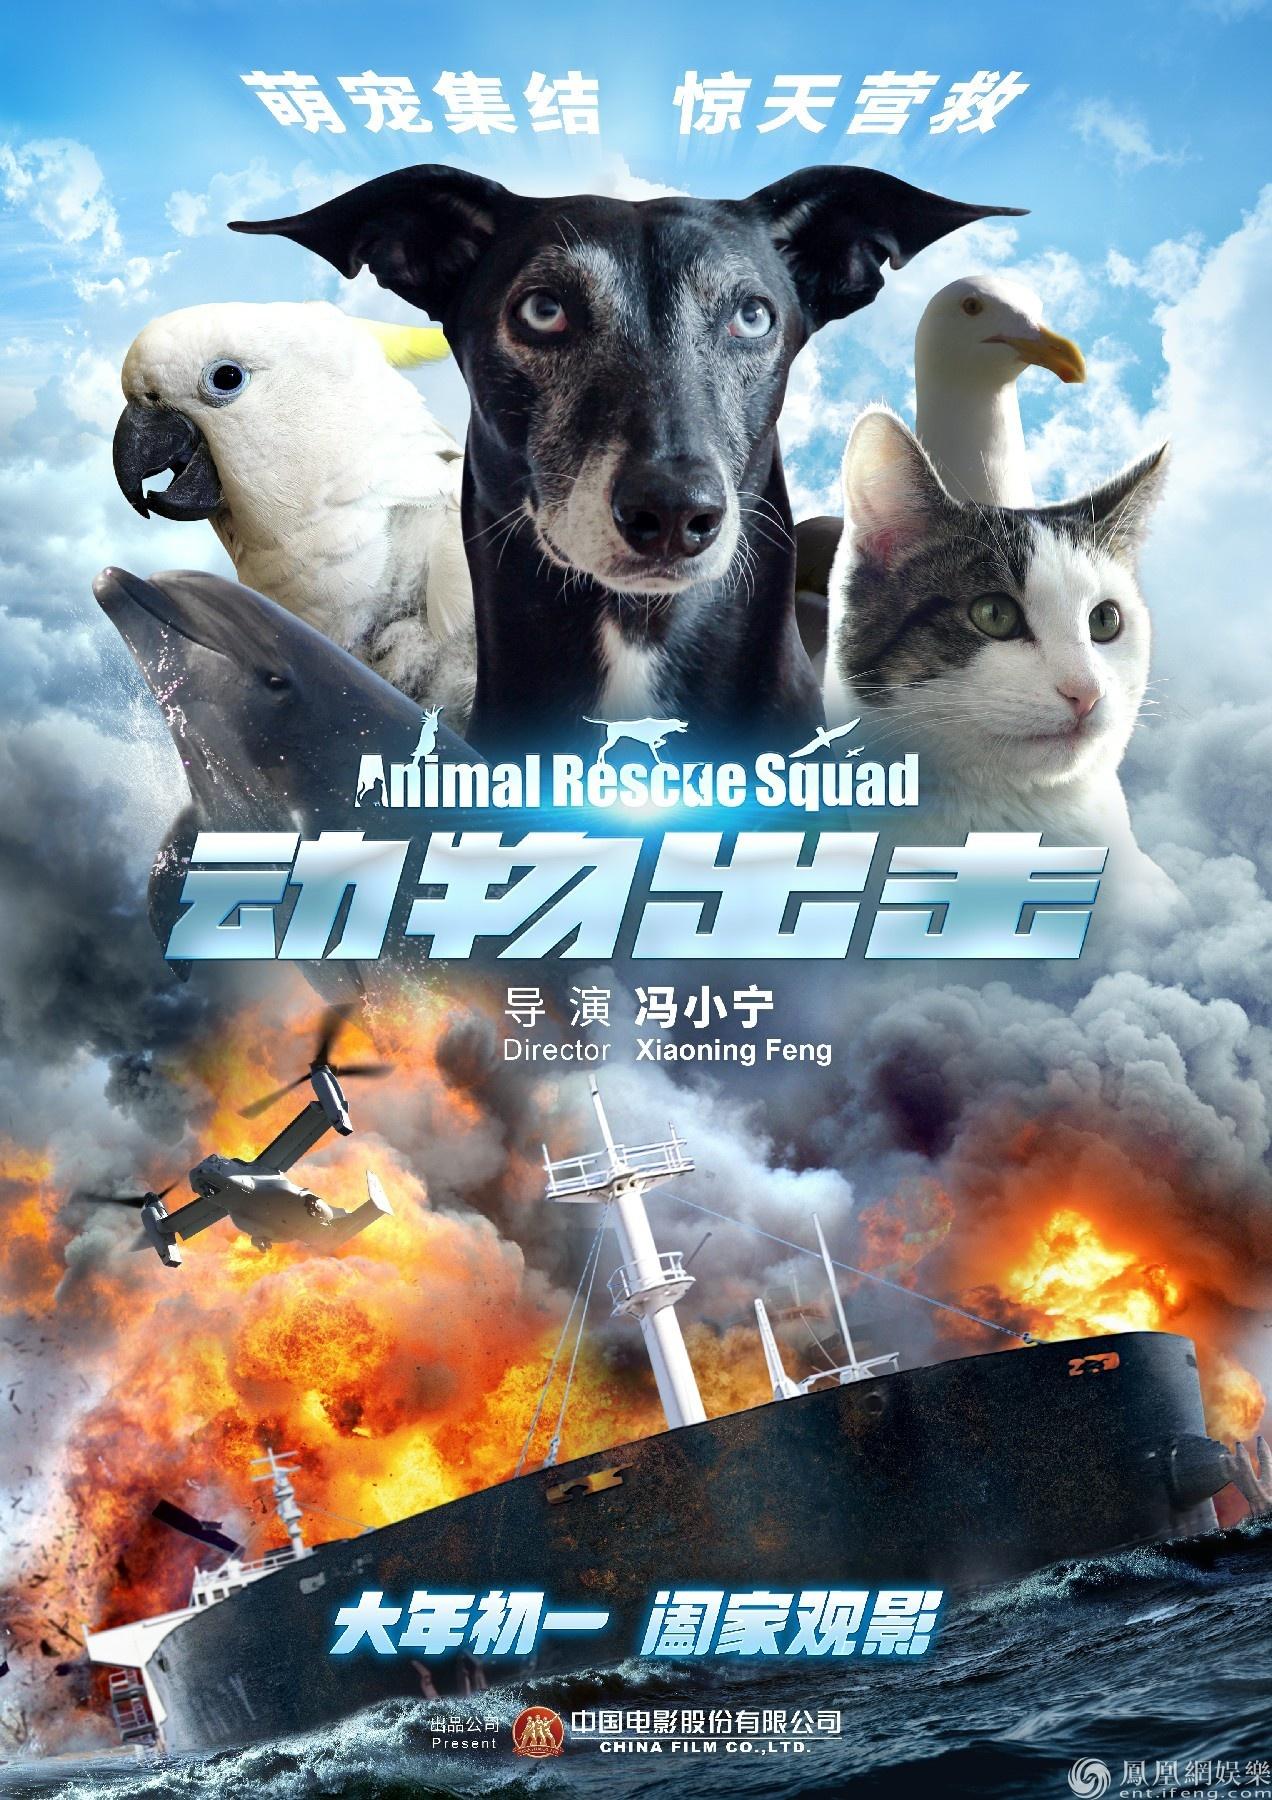 《动物出击》首曝定档海报 大年初一献上